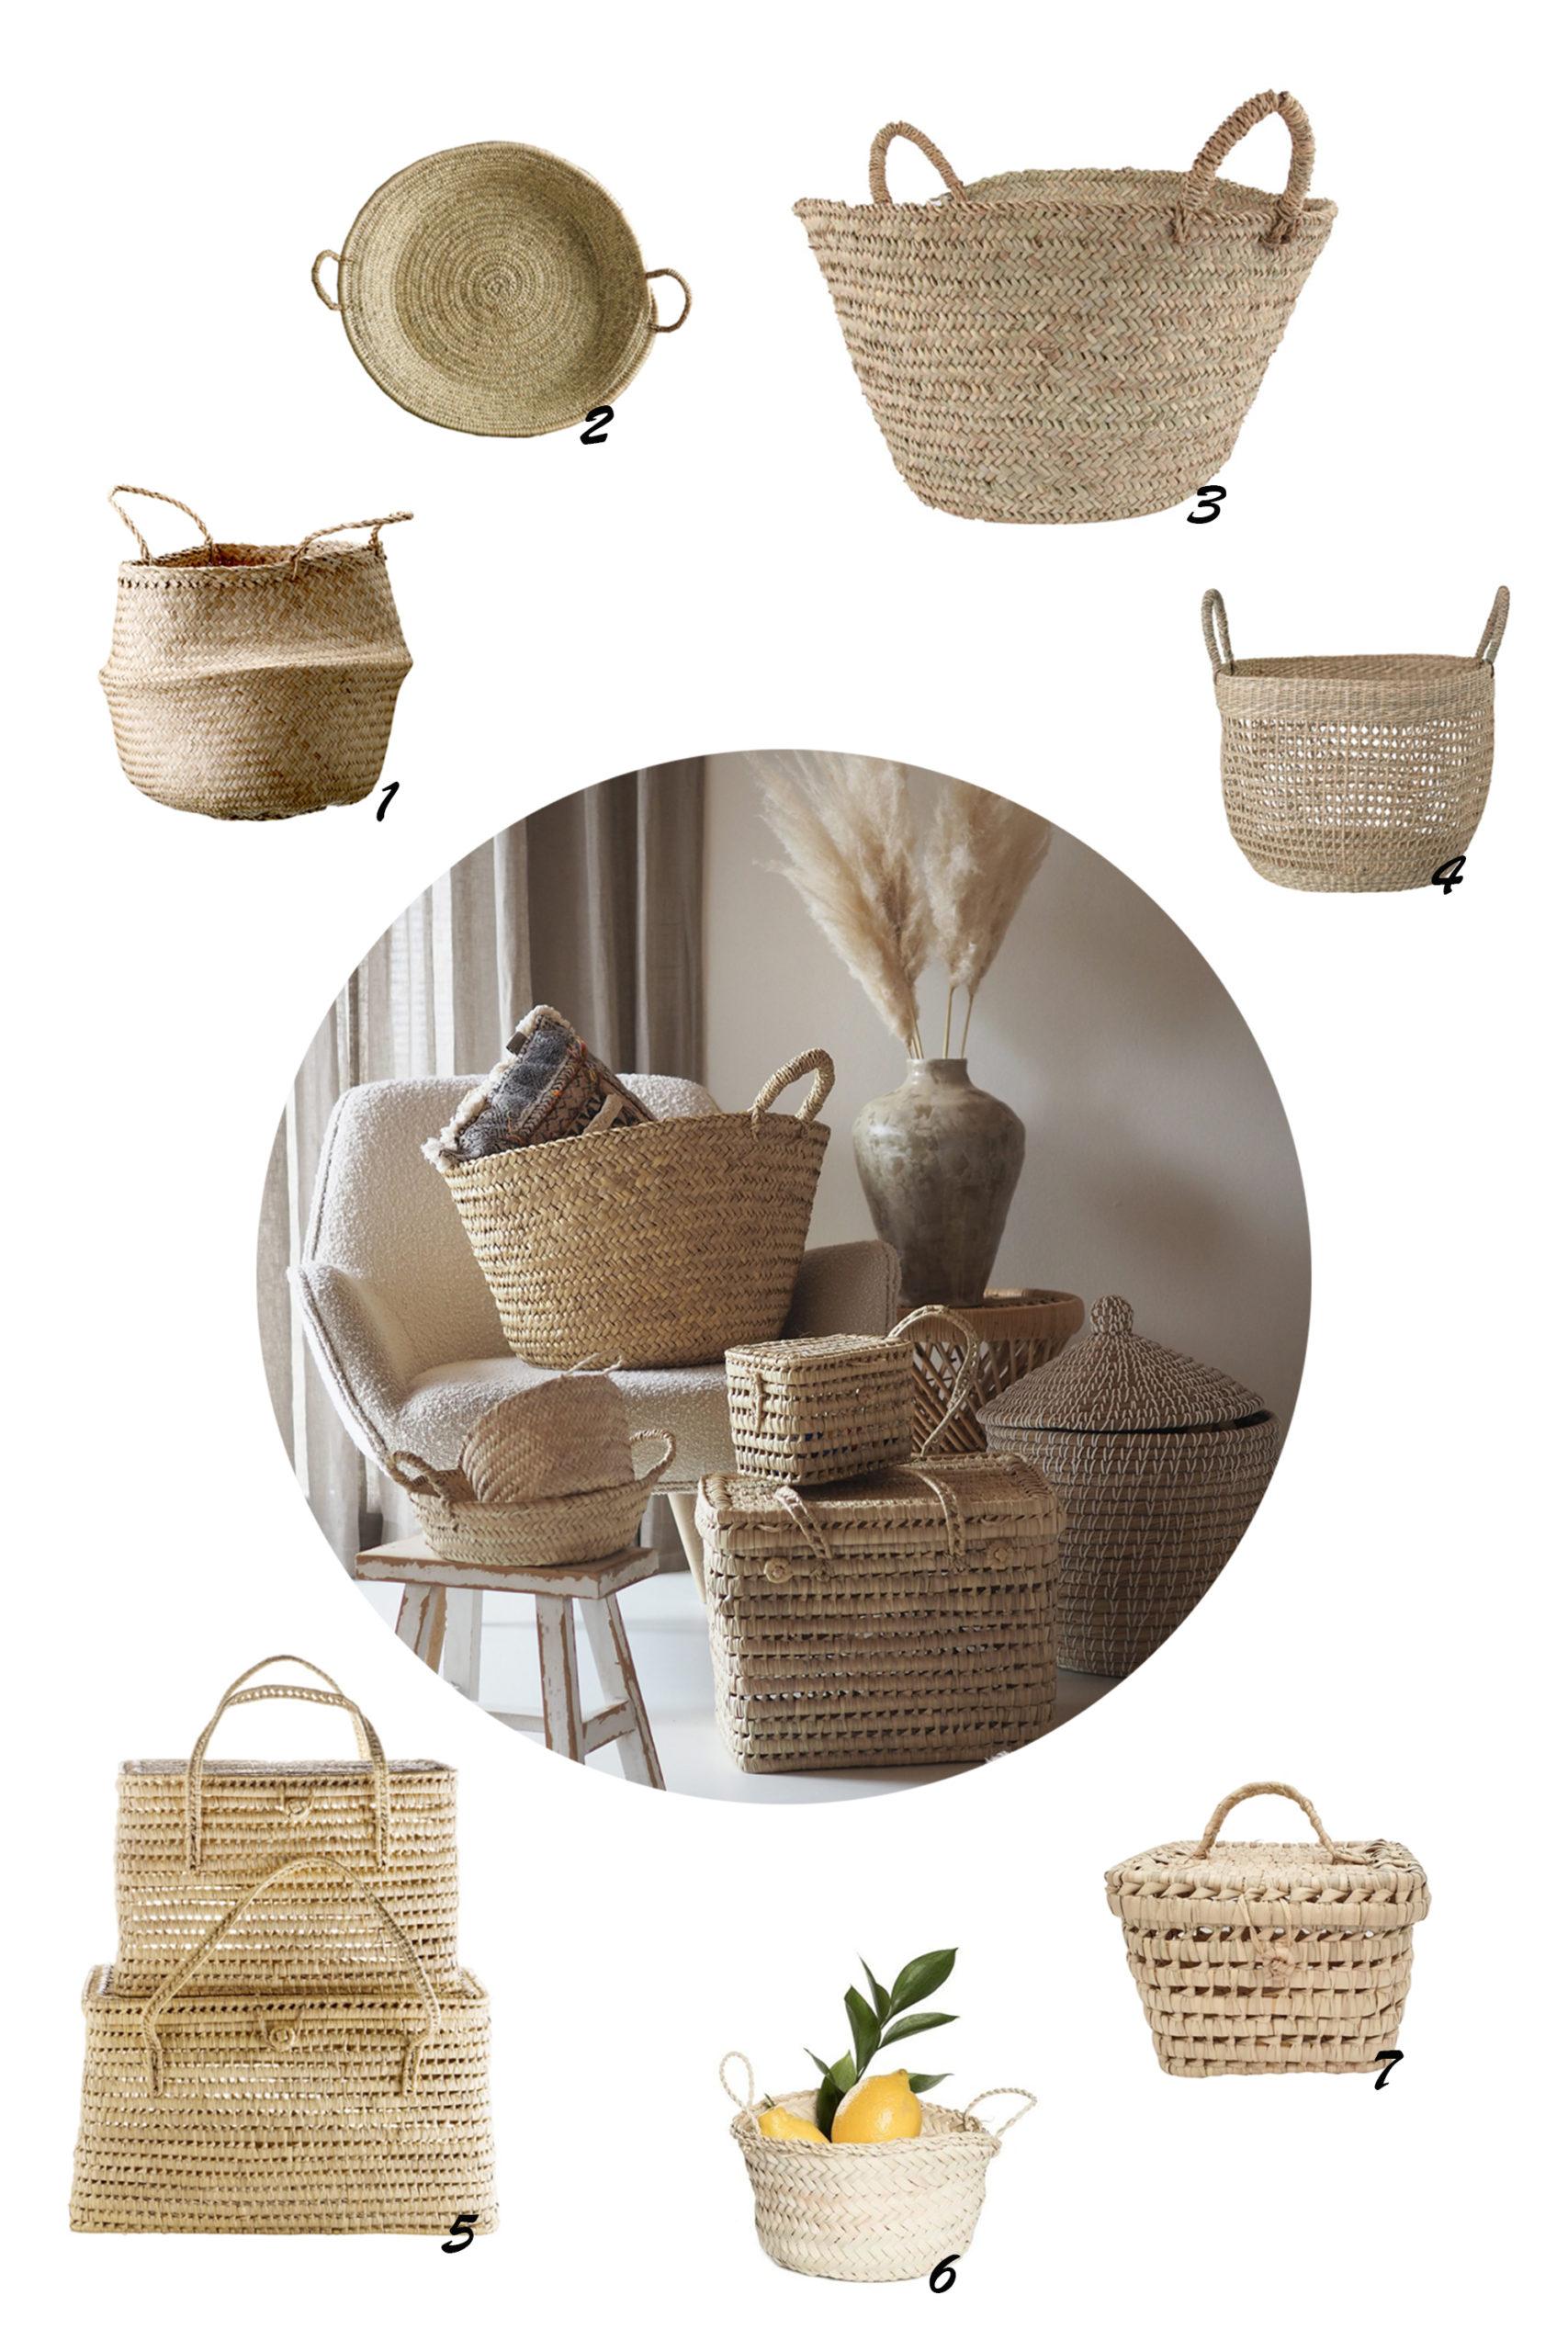 Dein Shoppingguide für die Aufräumender: Körbe in allen Formen!